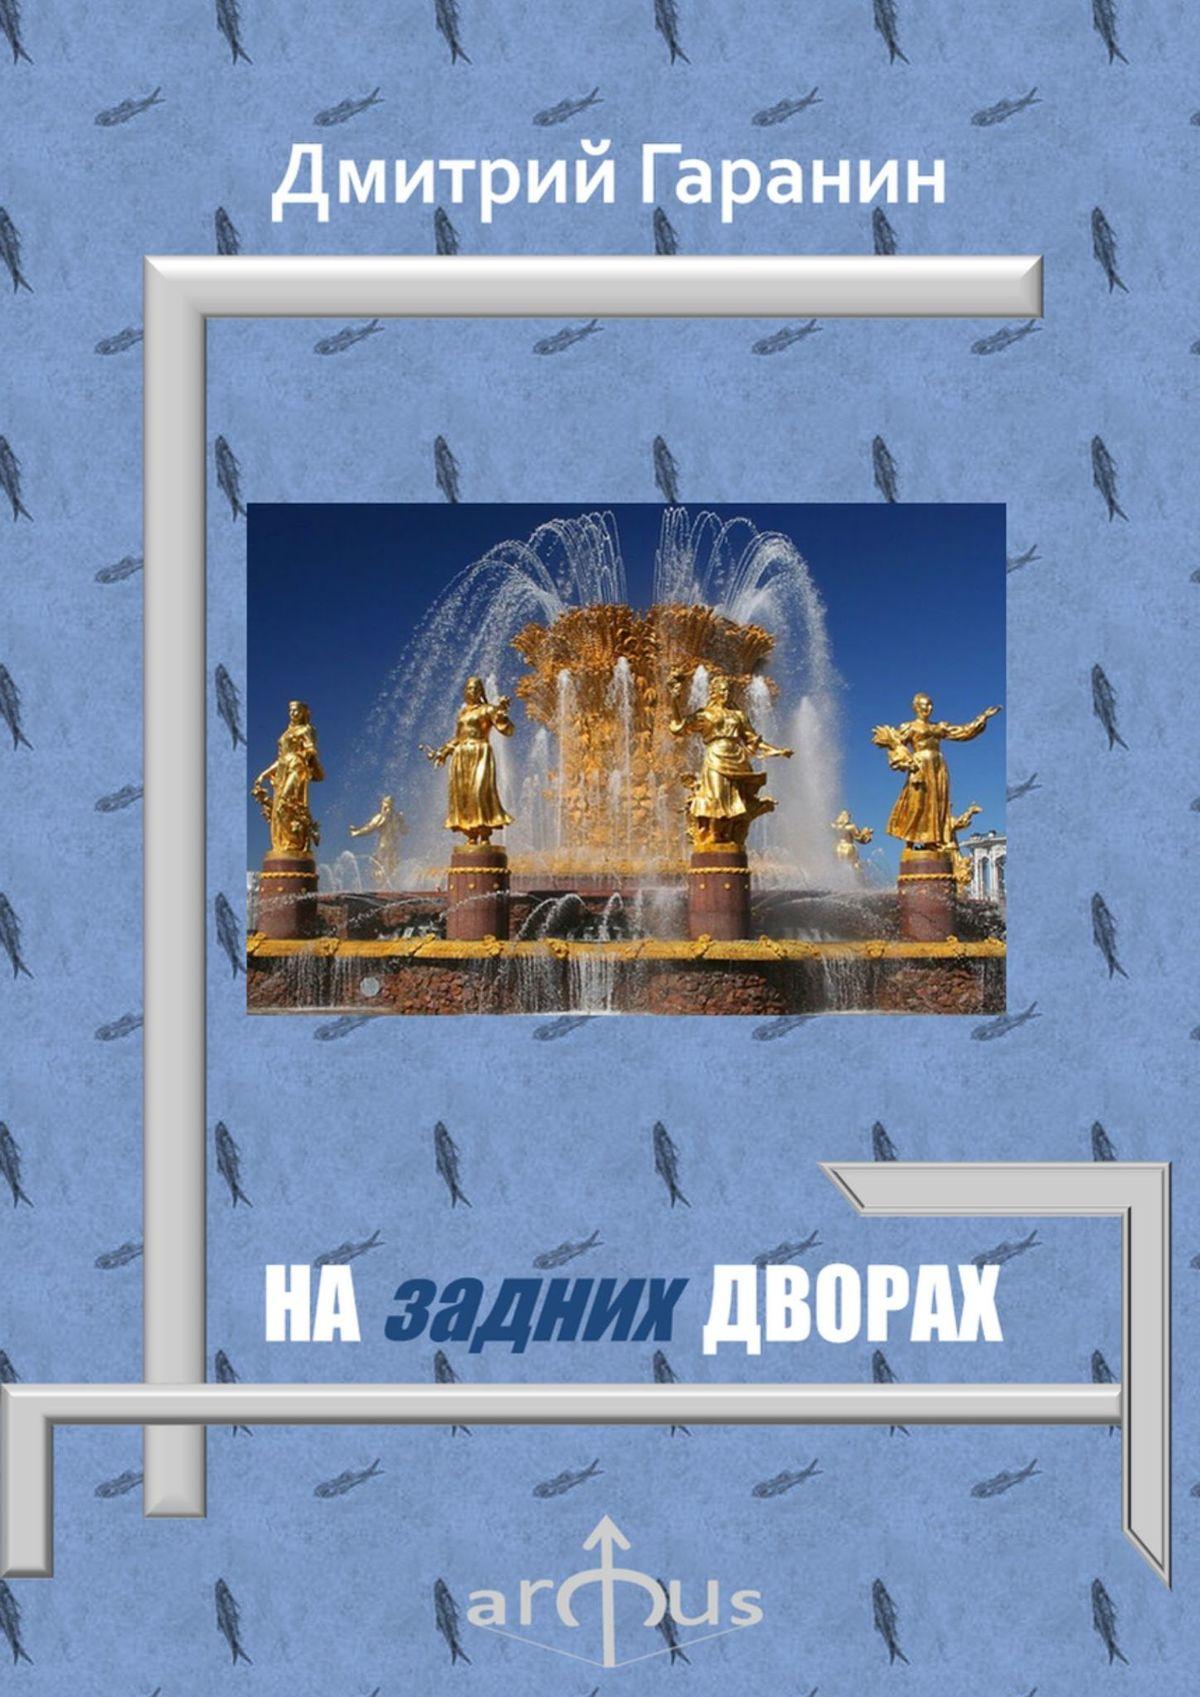 Фото - Дмитрий Гаранин На задних дворах. Проекции: №7 алексей олегович ежов мои конструкции из букв обратный отсчёт